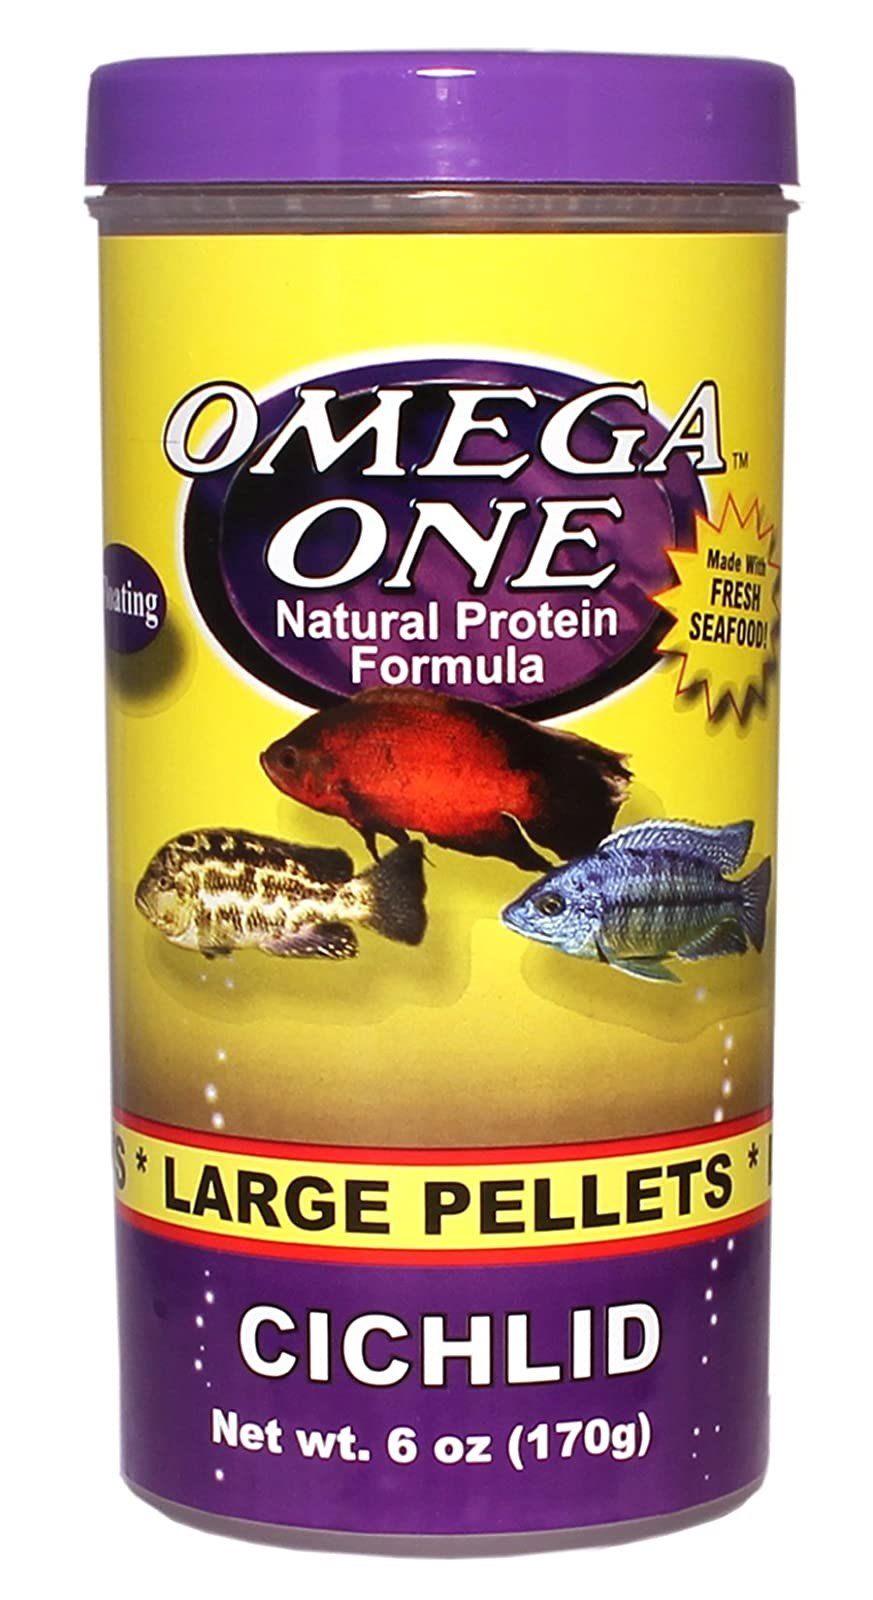 Omega One Cichlid Pellets - Large Floating 6oz. 54431 - 1